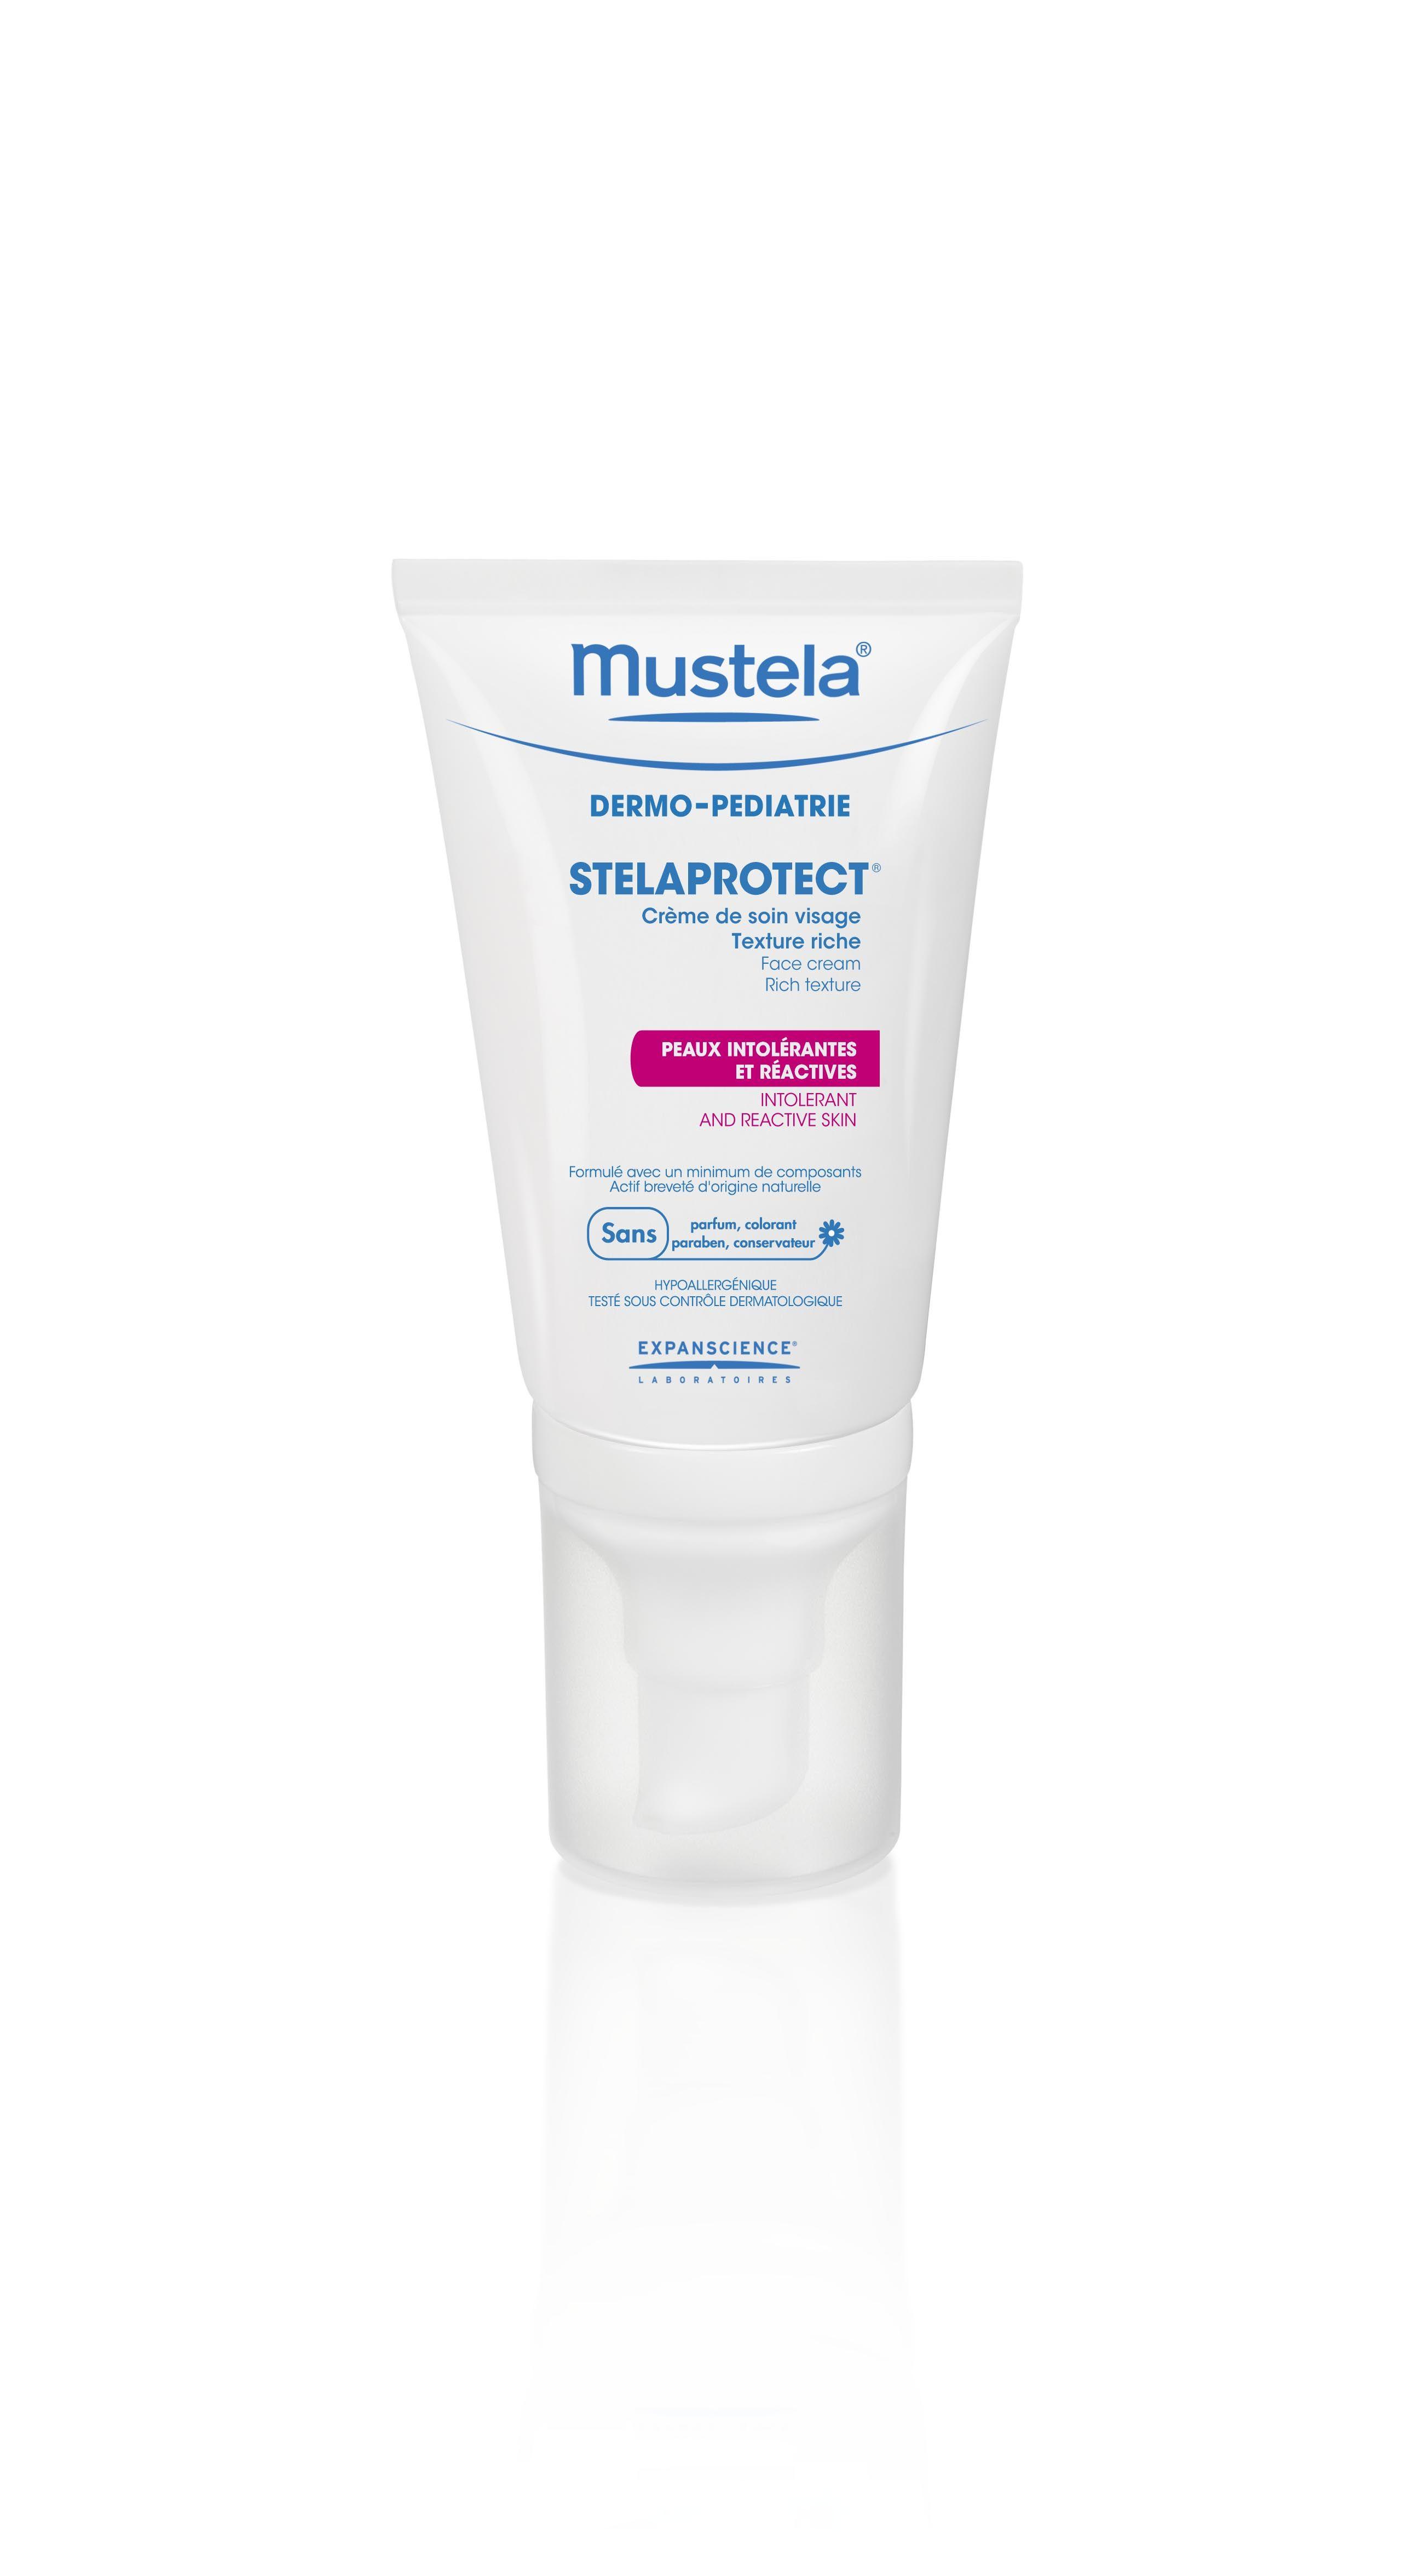 Stelaprotect Crème visage